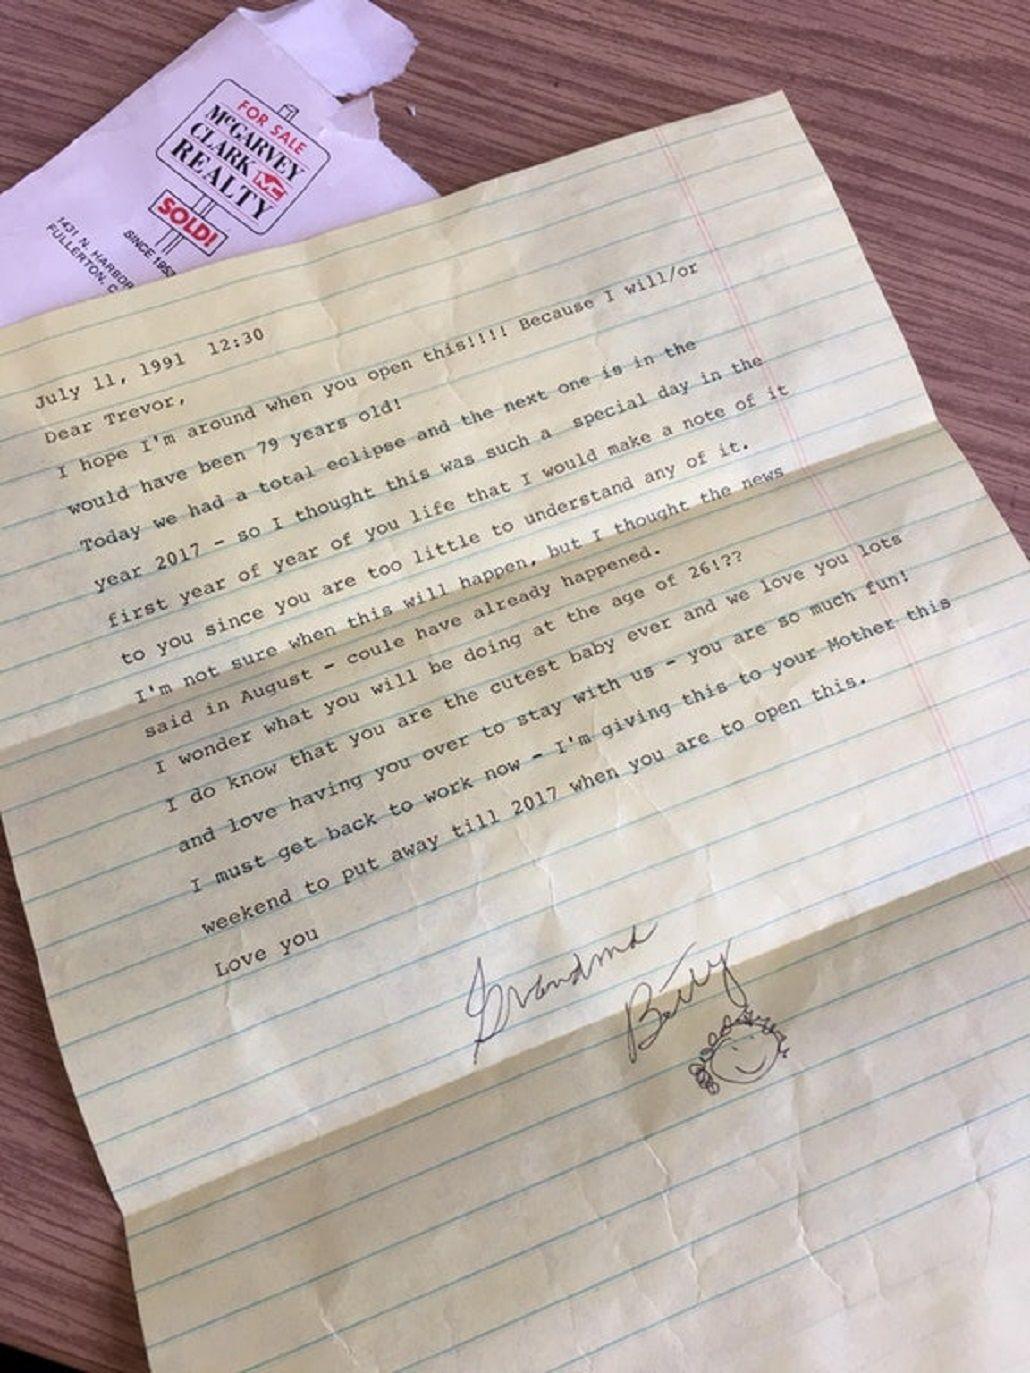 La carta que le escribió su abuela hace 26 años y se volvió viral